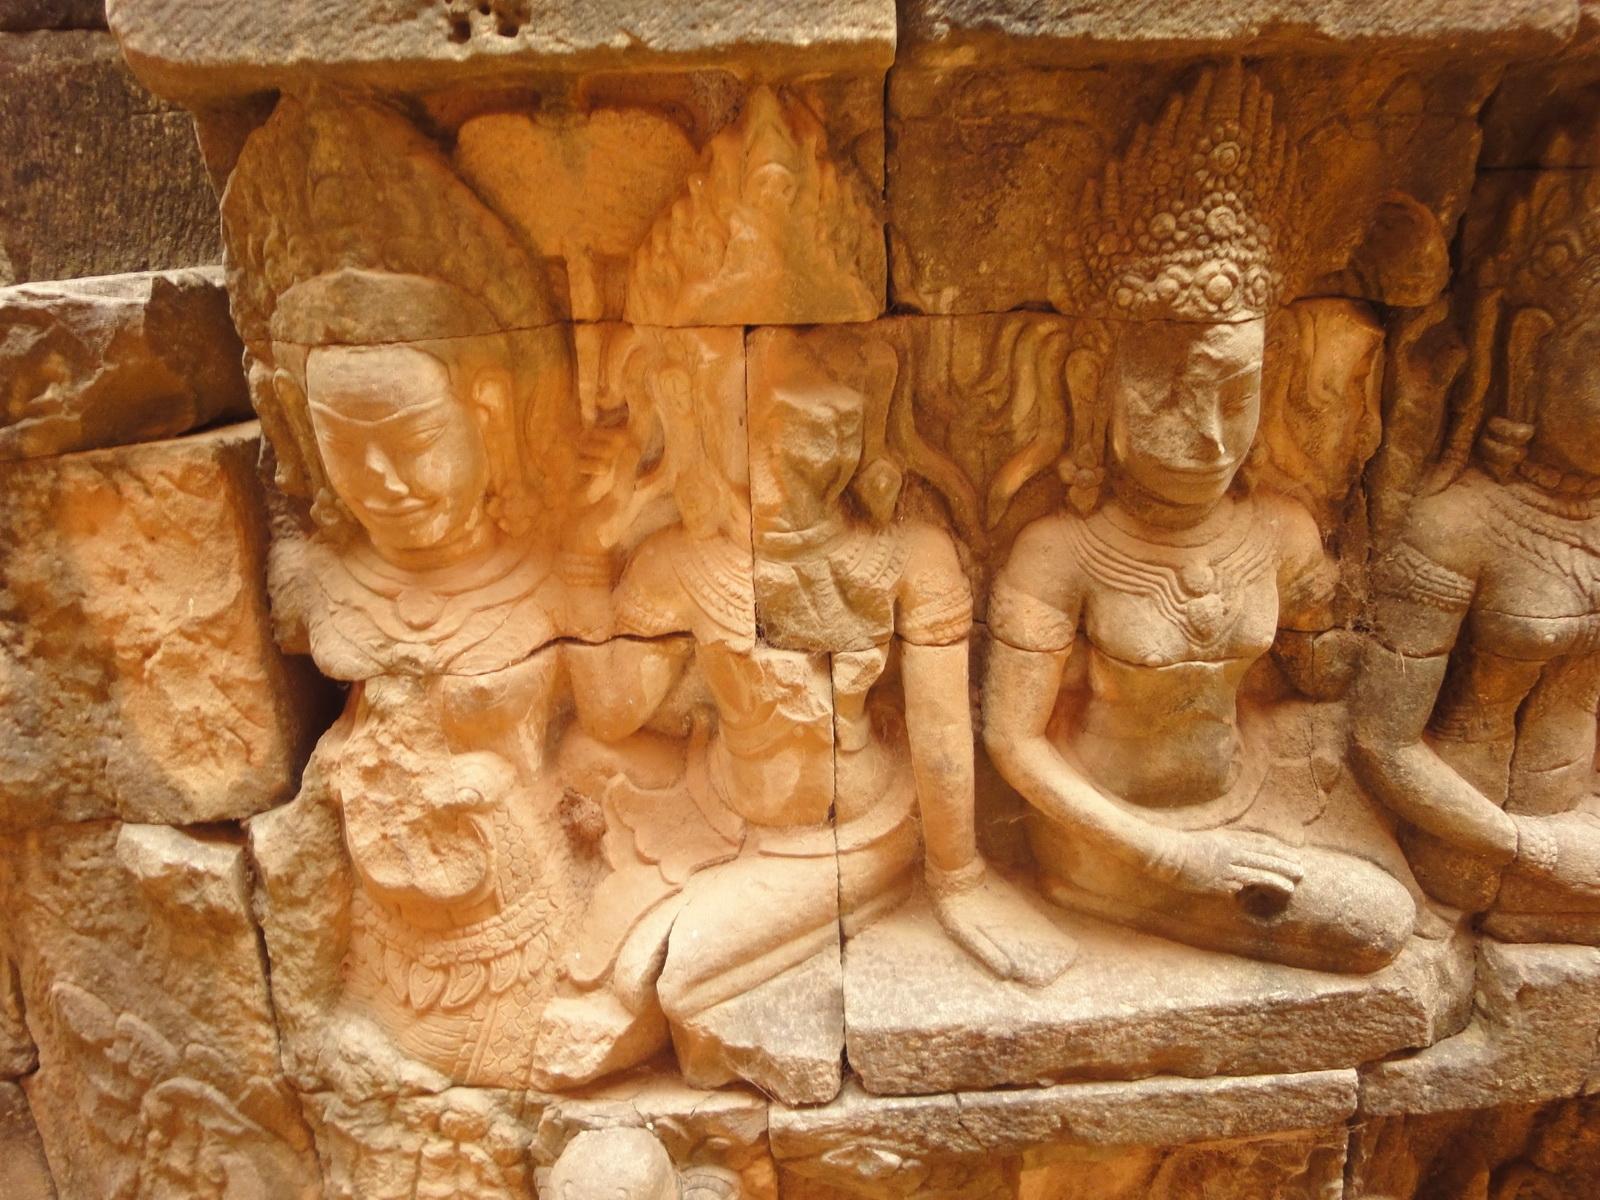 Leper King Terrace hidden wall underworld Nagas and deities 097